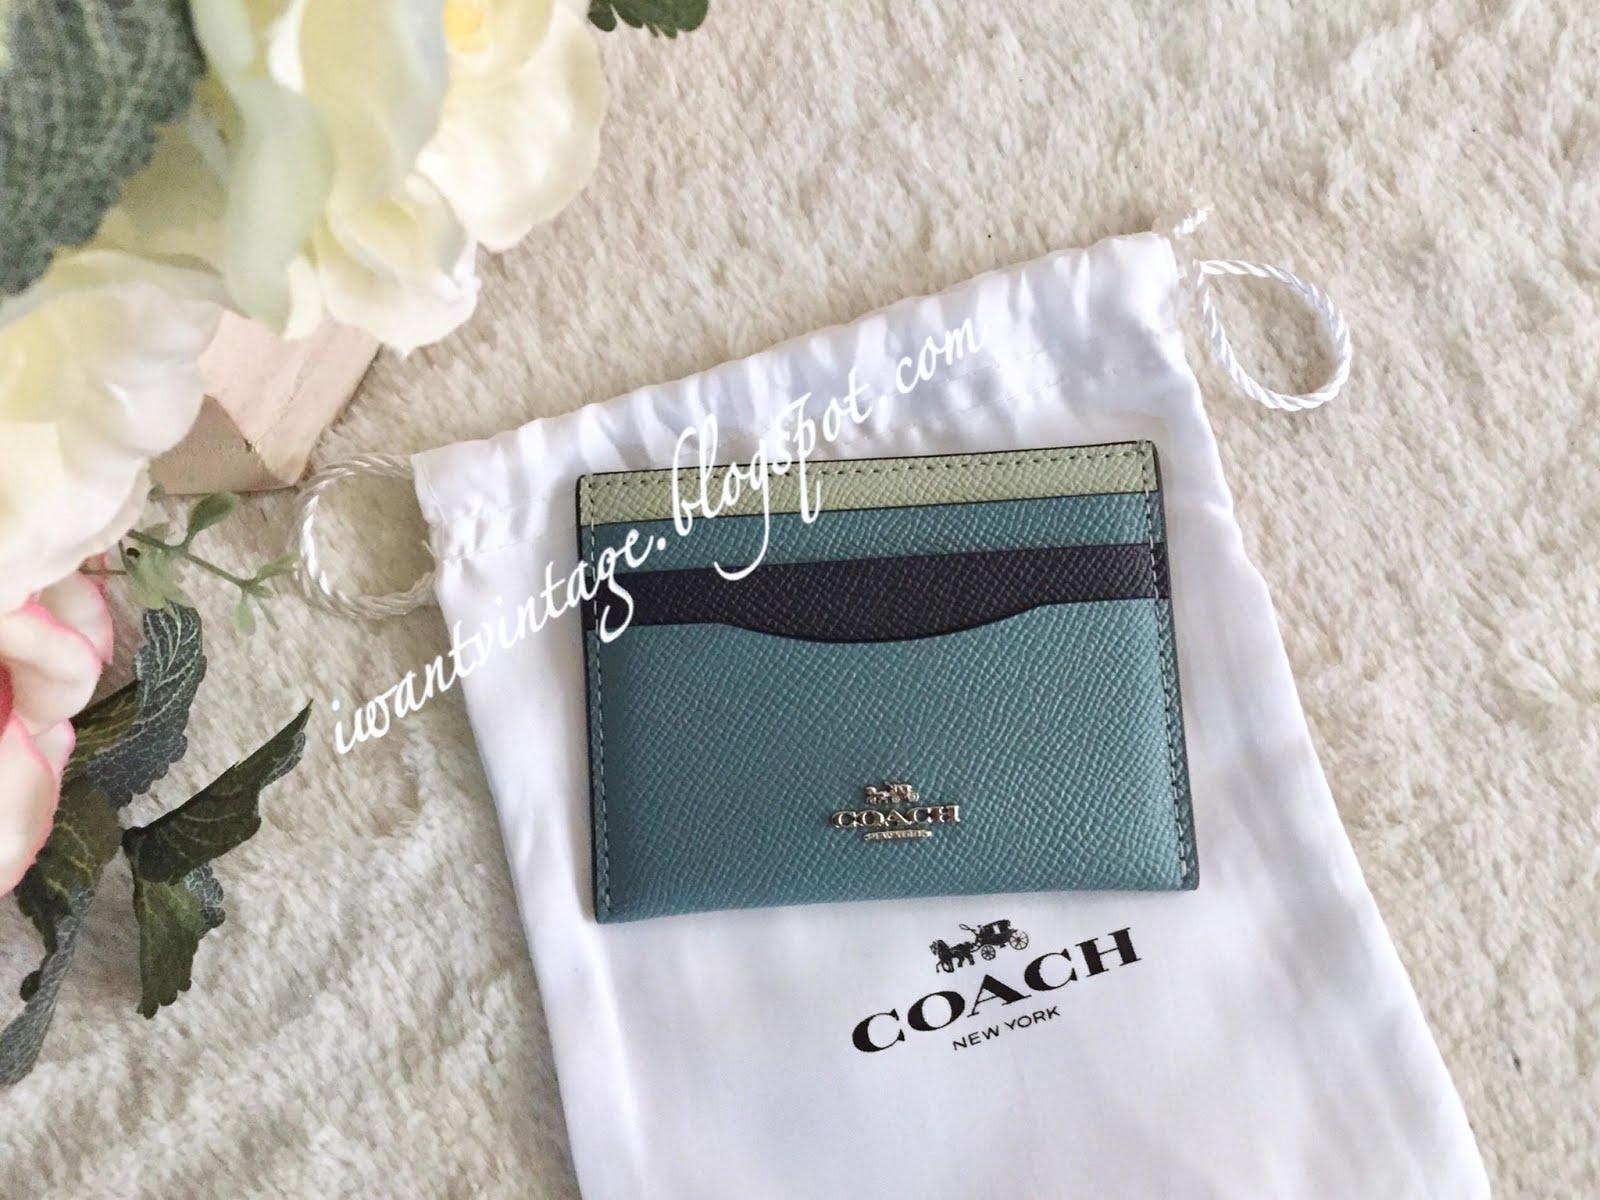 online retailer d7a20 b5bbd I Want Vintage | Vintage Designer Handbags: Coach 21494 Card Case in ...